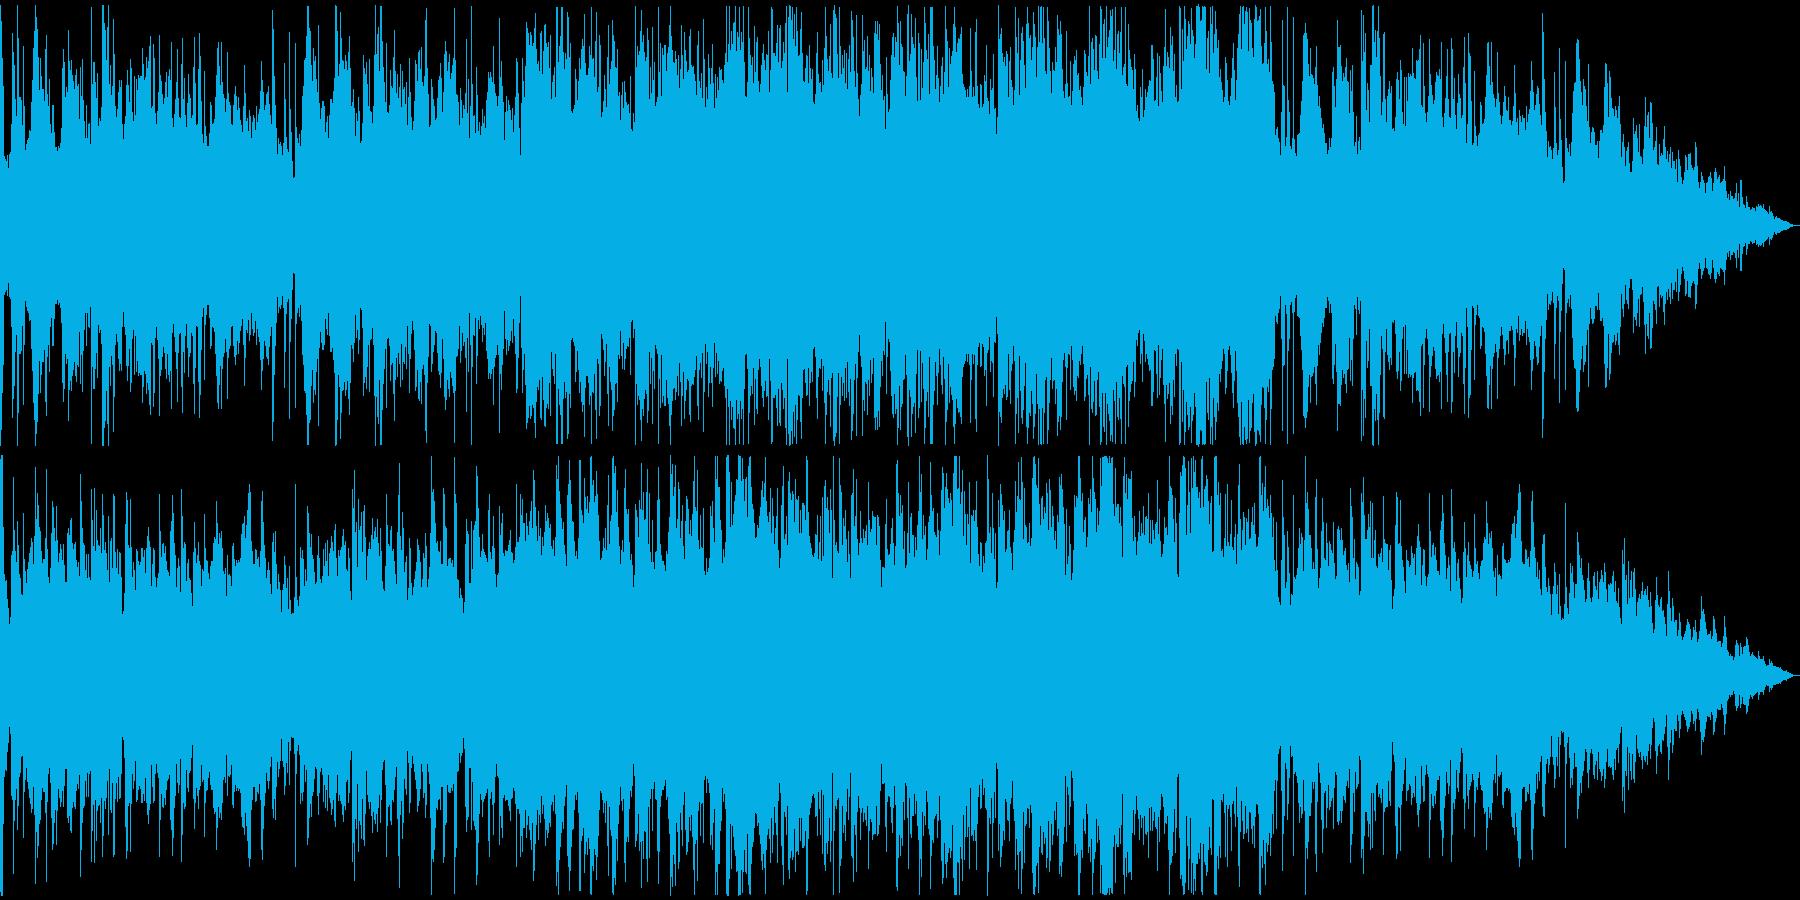 ファンタジー・歴史系あらすじ・プロローグの再生済みの波形